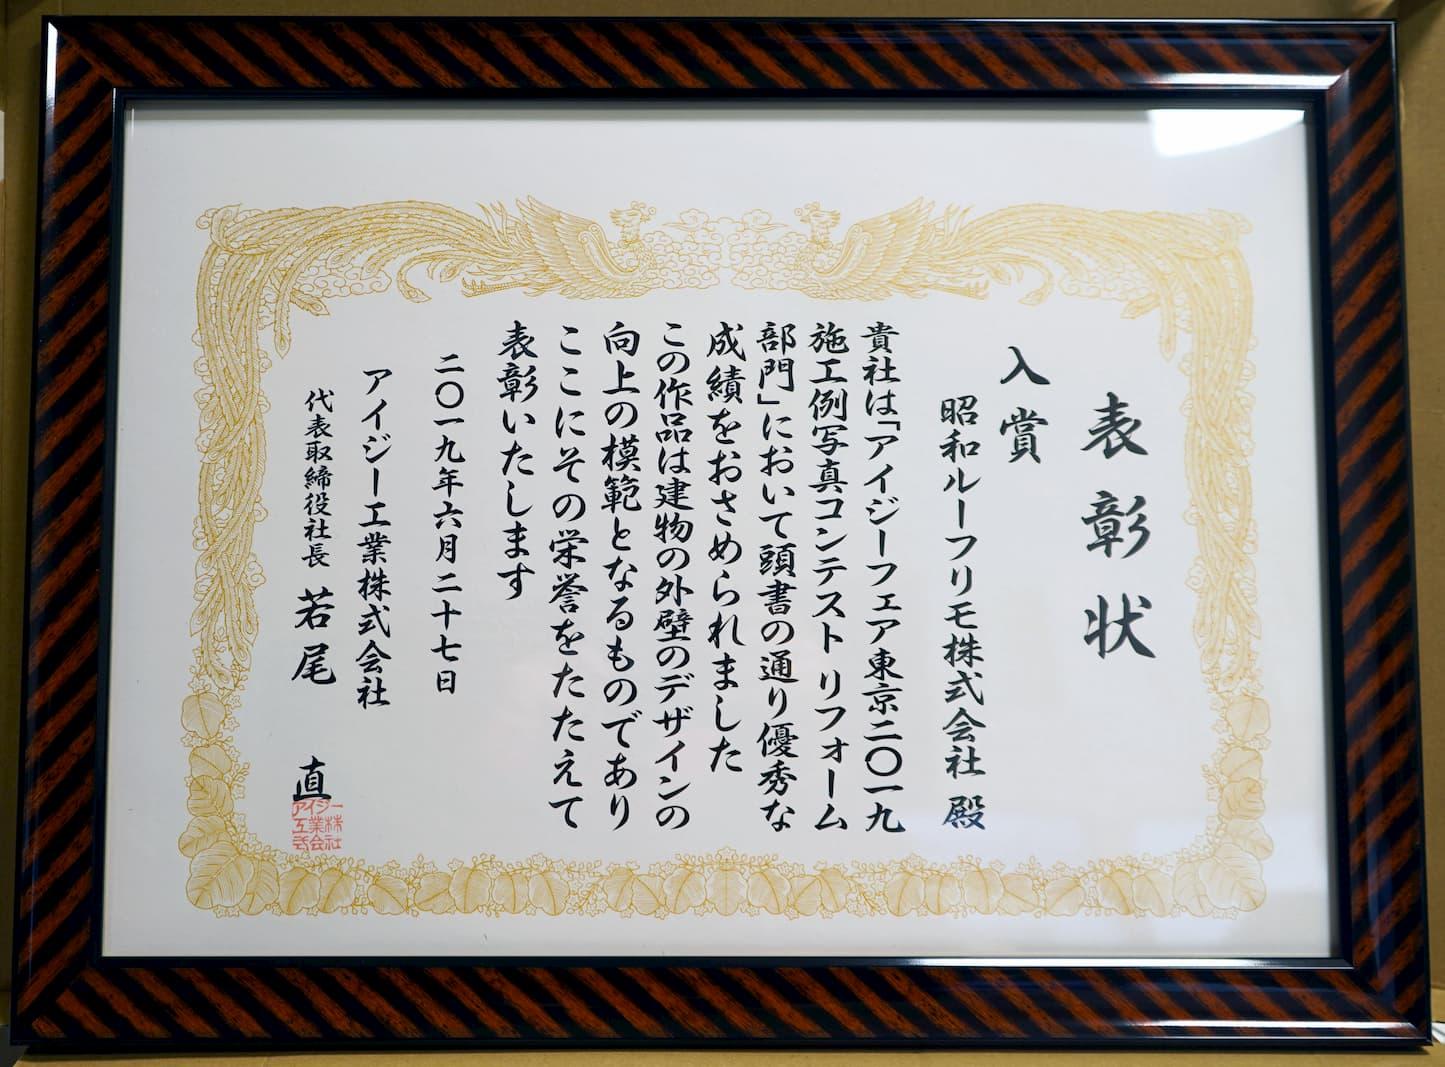 「アイジーフェア東京2019 施工例写真コンテント リフォーム部門」 入賞